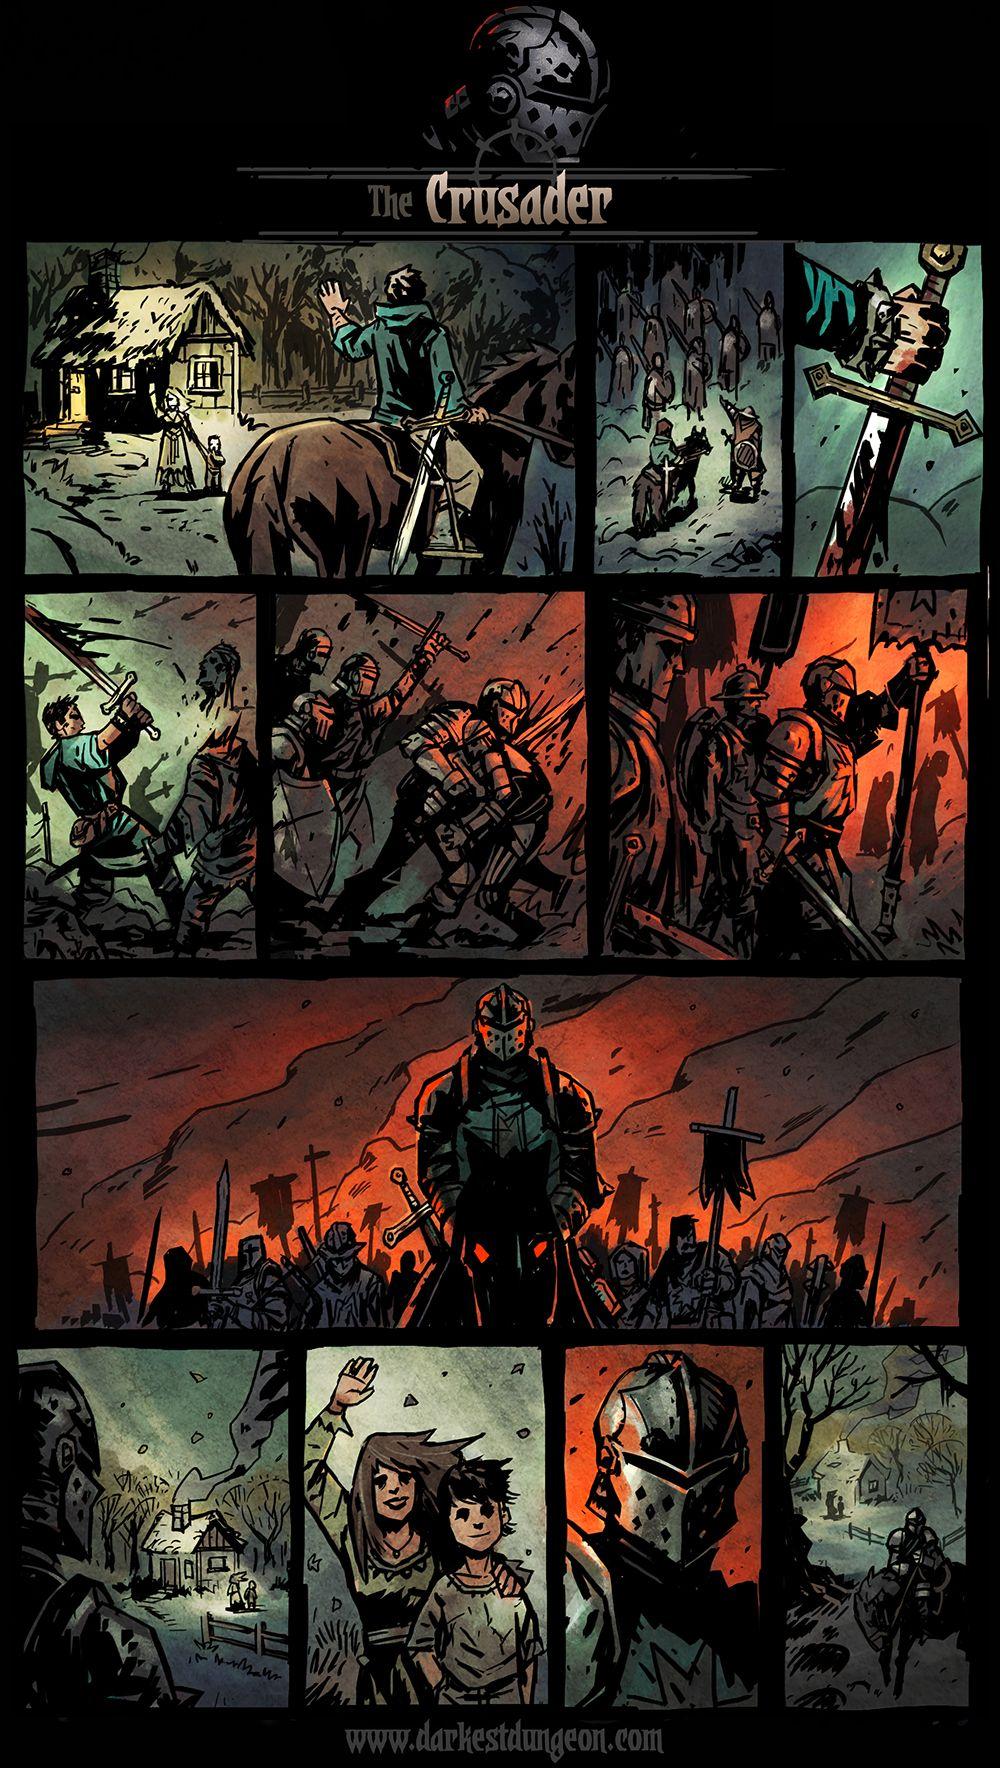 Darkest Dungeon Presents The Crusader Darkest Dungeon Darkest Dungeon Art Darkest Dungeon Comic